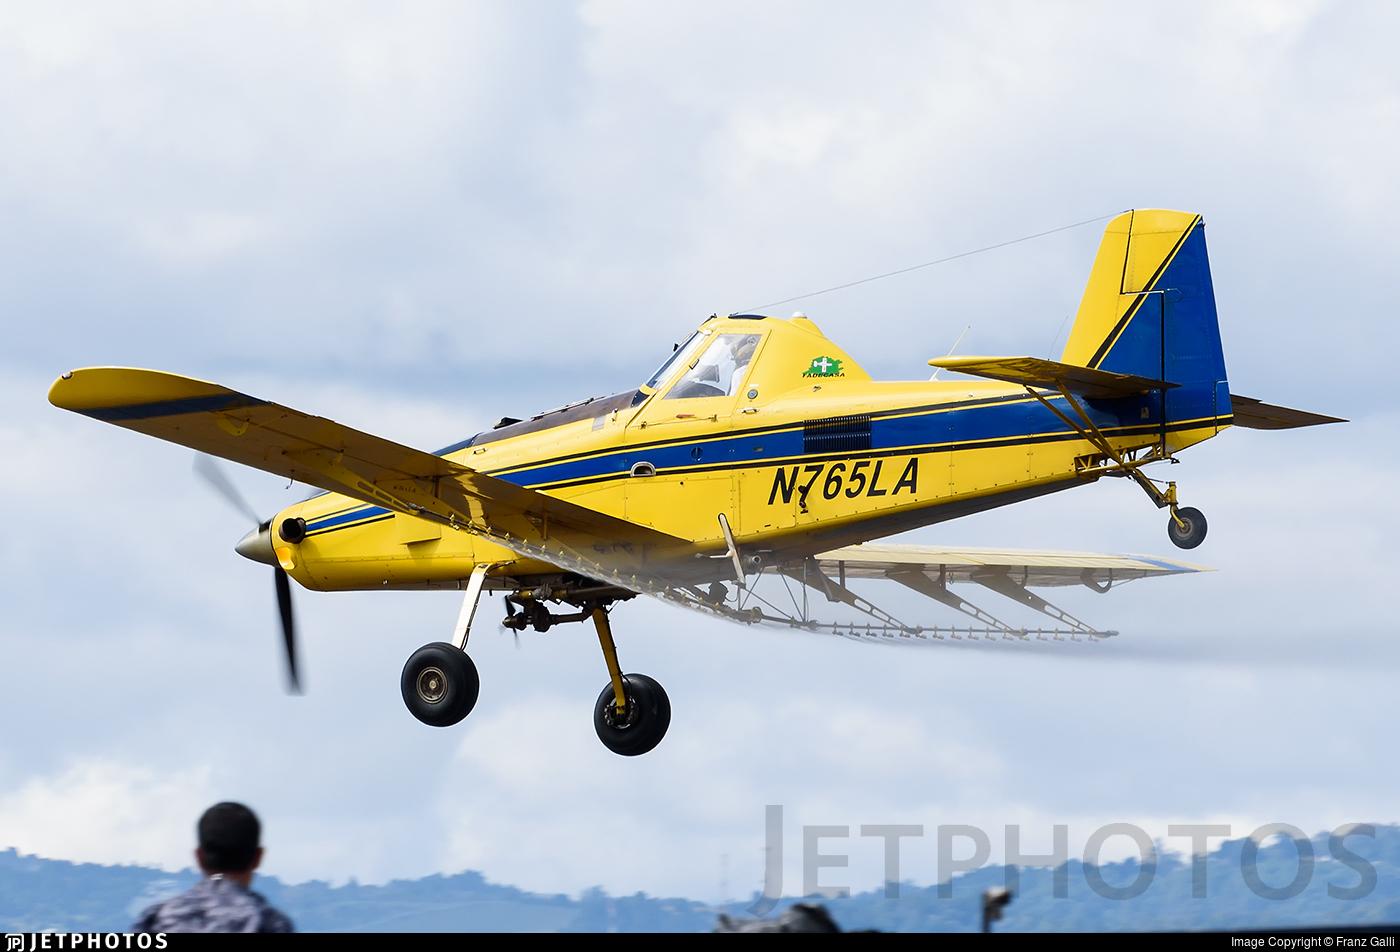 N765LA - Air Tractor AT-502B - Fadecasa - Fumigaciones Aereas de Cultivos Agricolas